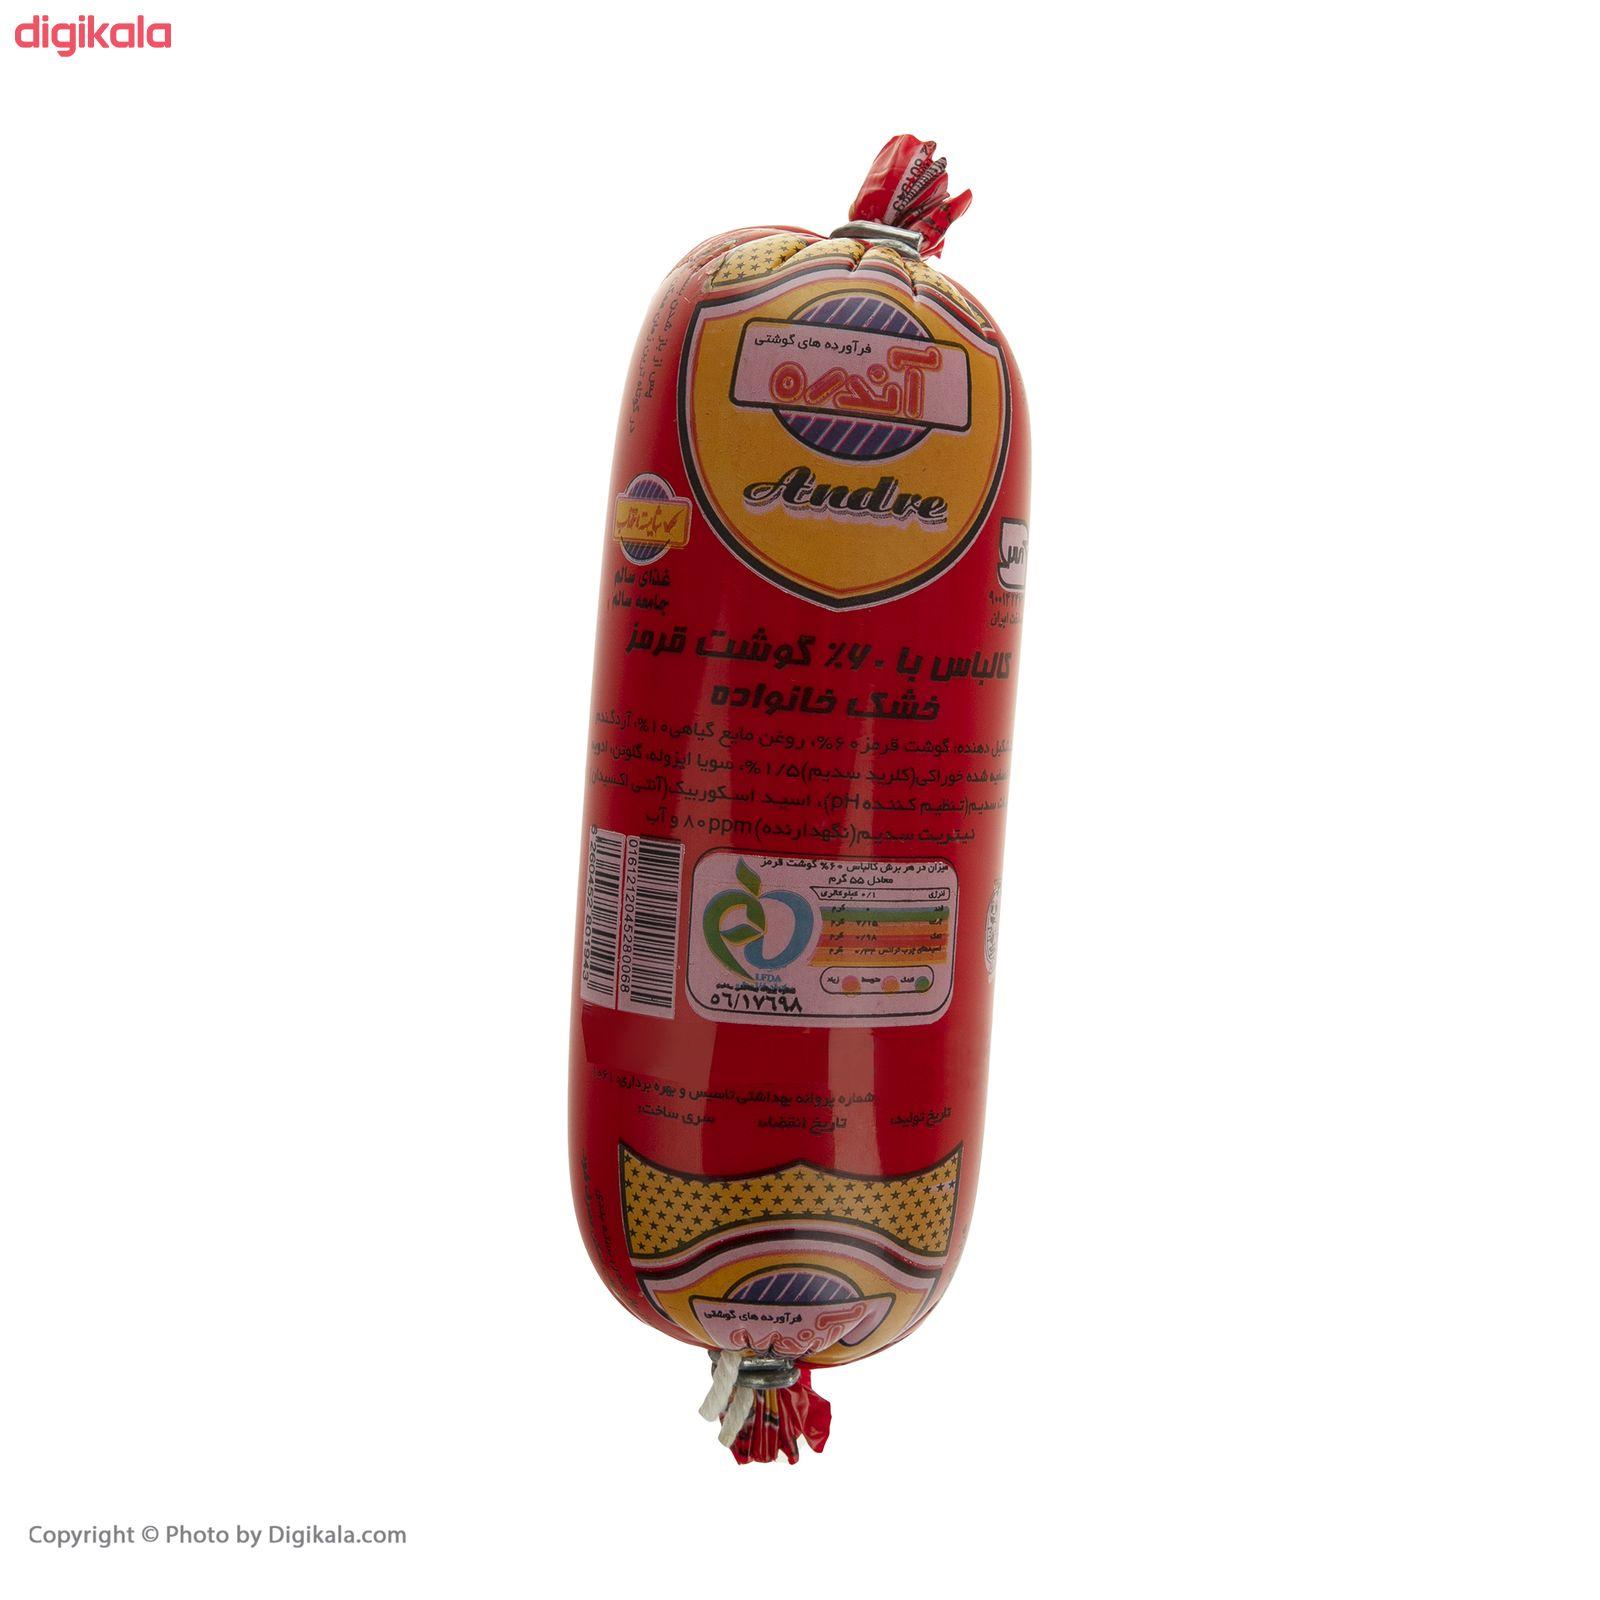 کالباس خشک 60 درصد گوشت قرمز آندره -  500 گرم main 1 3